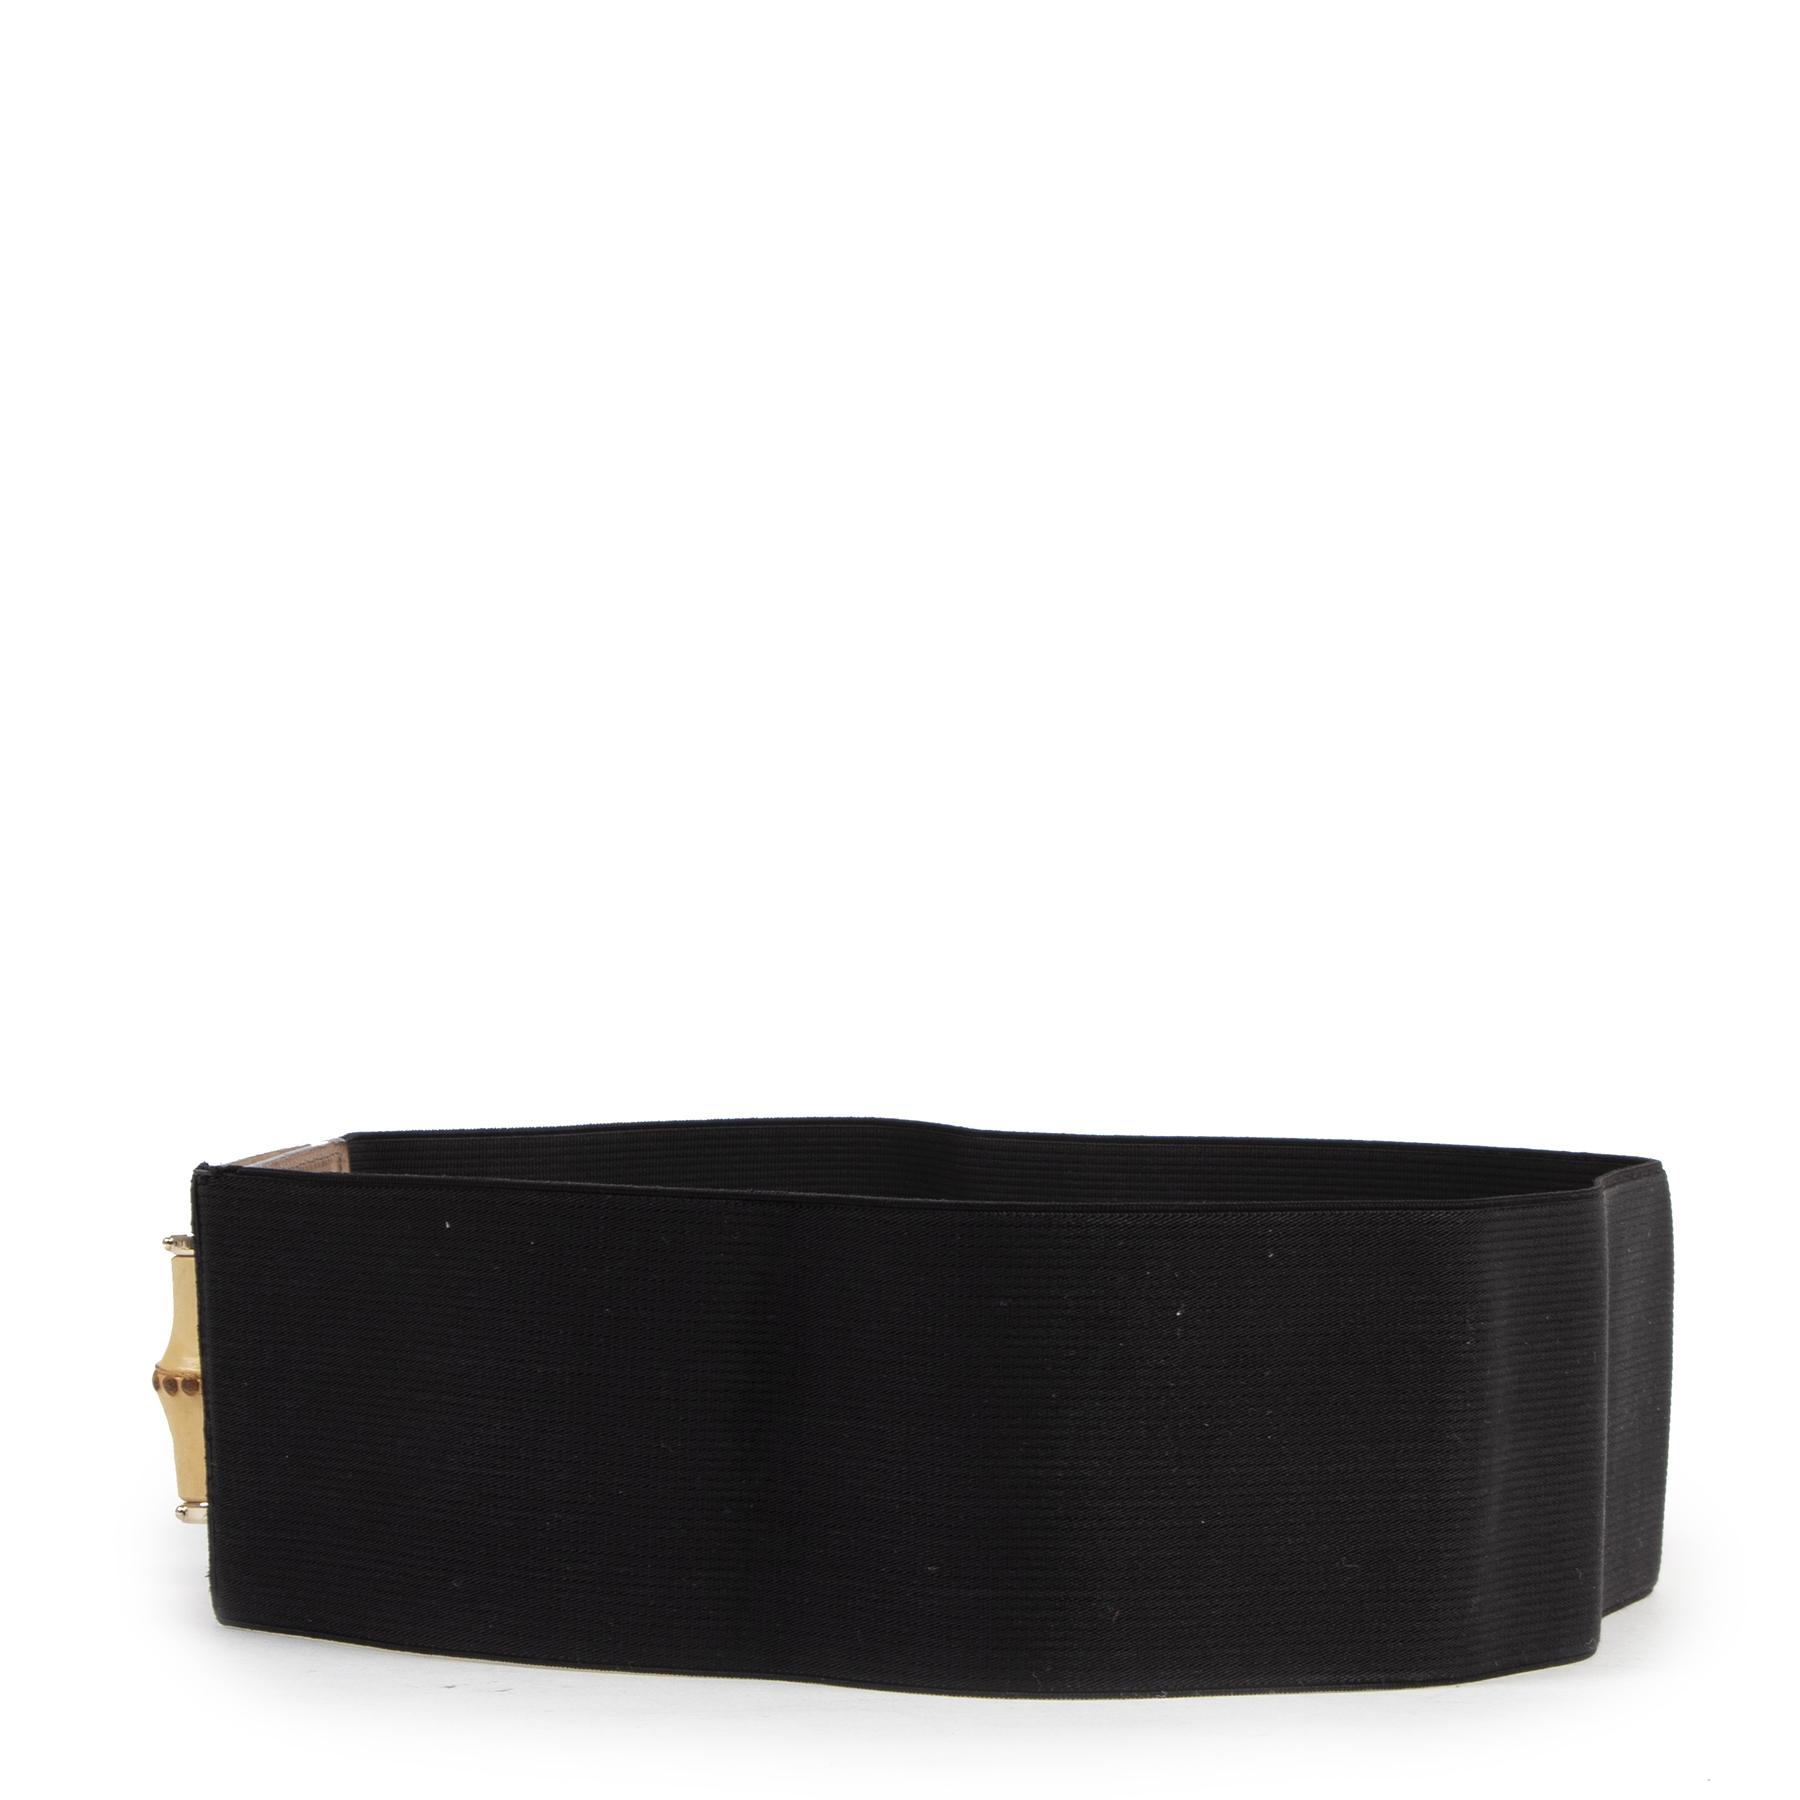 Authentieke Tweedehands Gucci Black Bamboo Lock Buckle Stretch Waist Belt - Size 80  juiste prijs veilig online shoppen luxe merken webshop winkelen Antwerpen België mode fashion